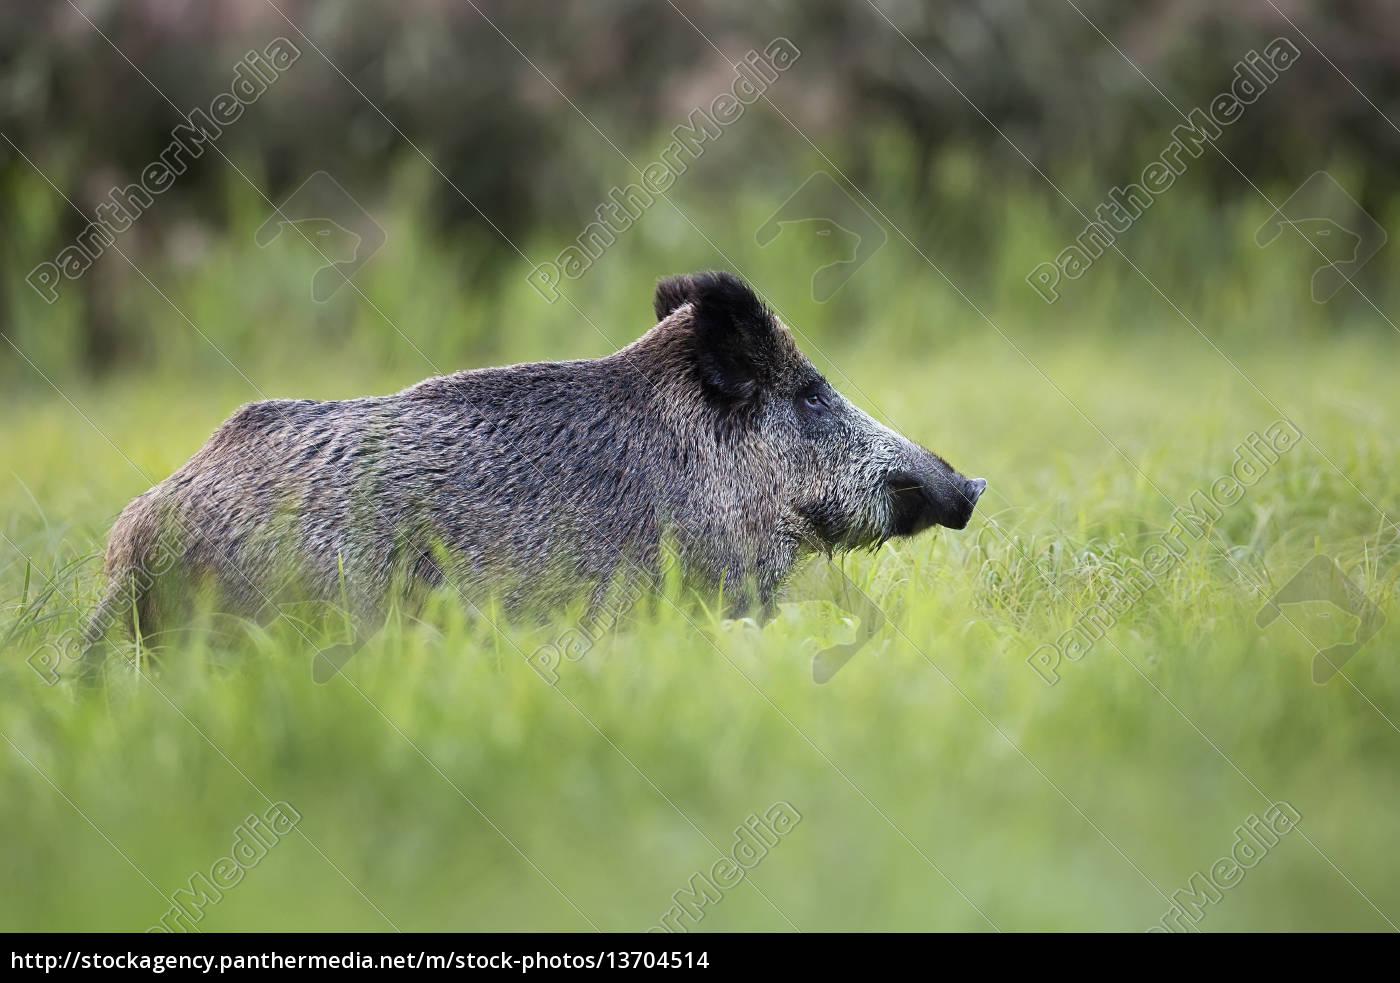 wild, boar, in, the, wild, , in - 13704514